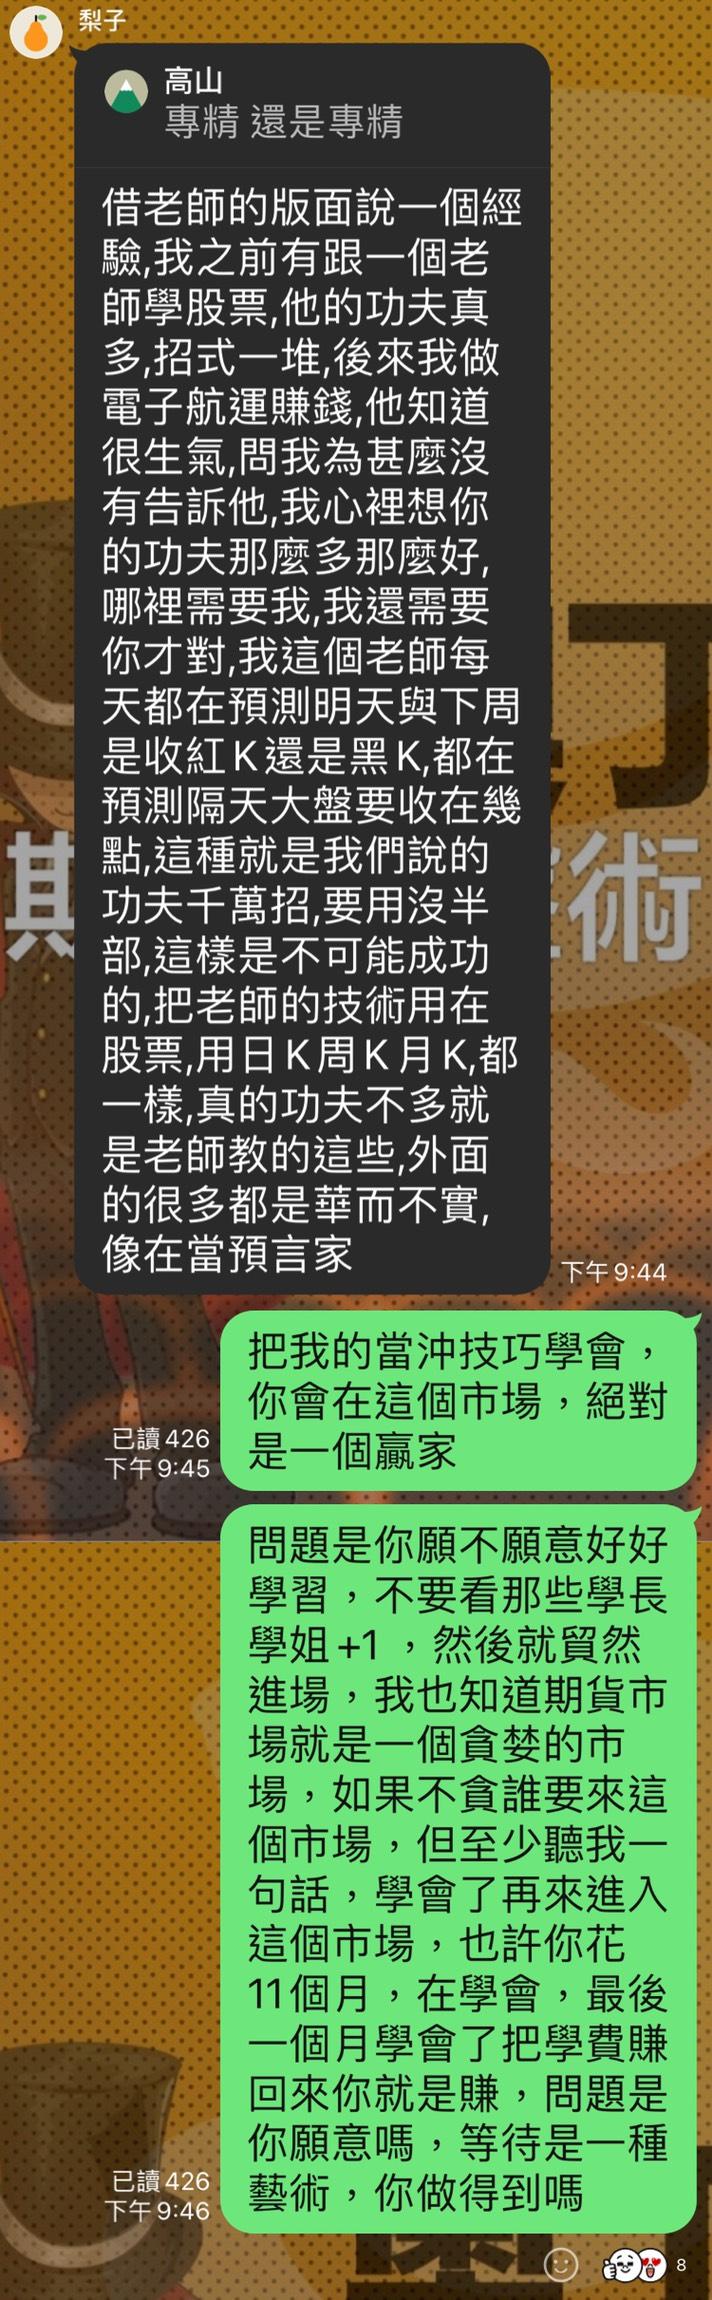 09月22日~~~山川戰法全書~~~大盤教學應用篇!!!_05